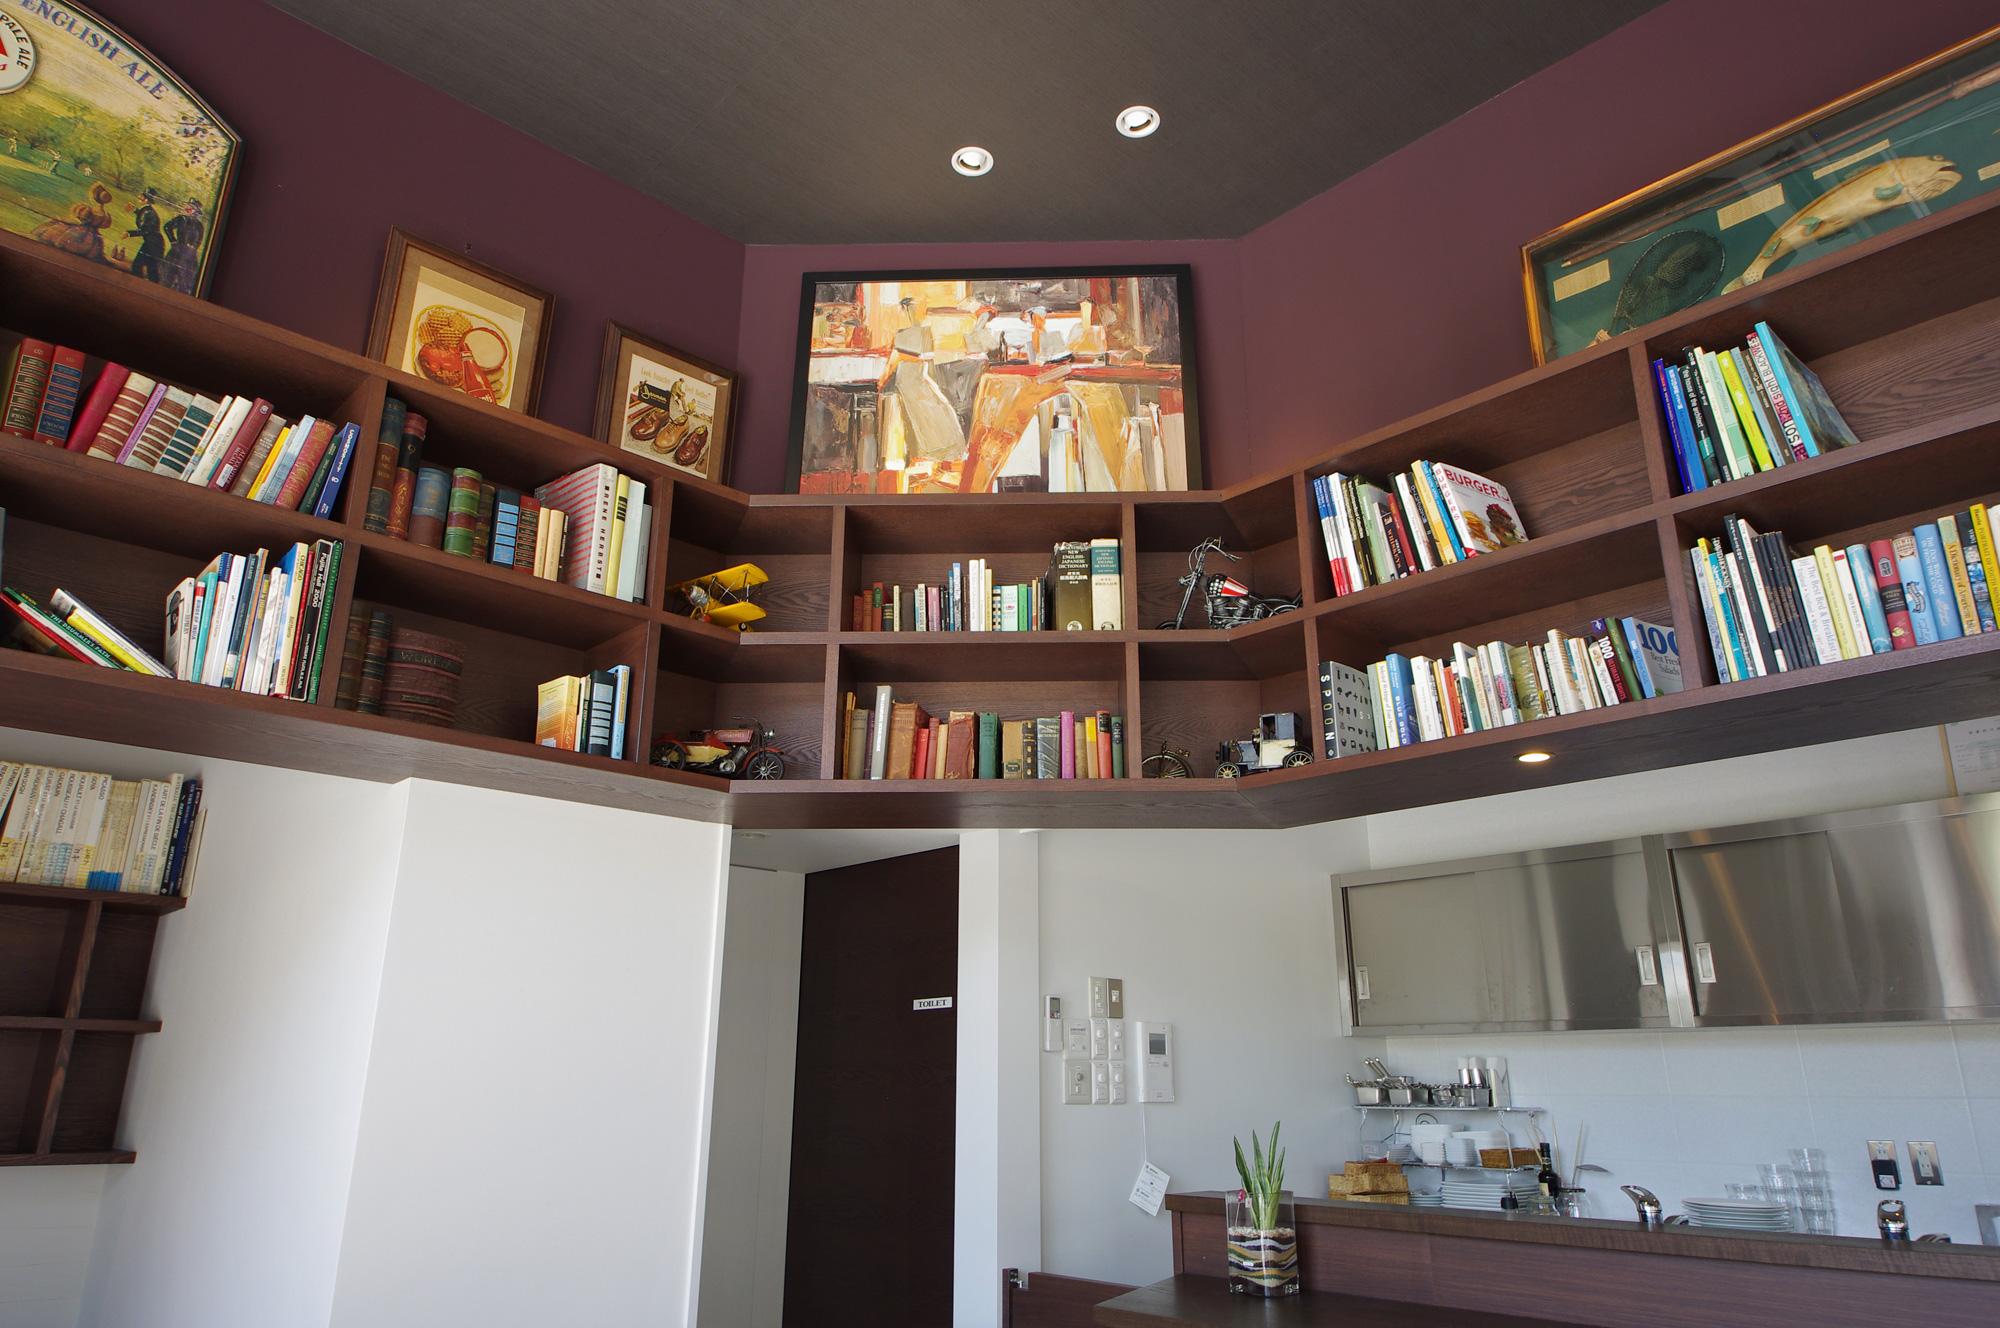 本棚: 古今東西のさまざまな本や絵、模型などがディスプレイされ、知的で楽しい雰囲気に